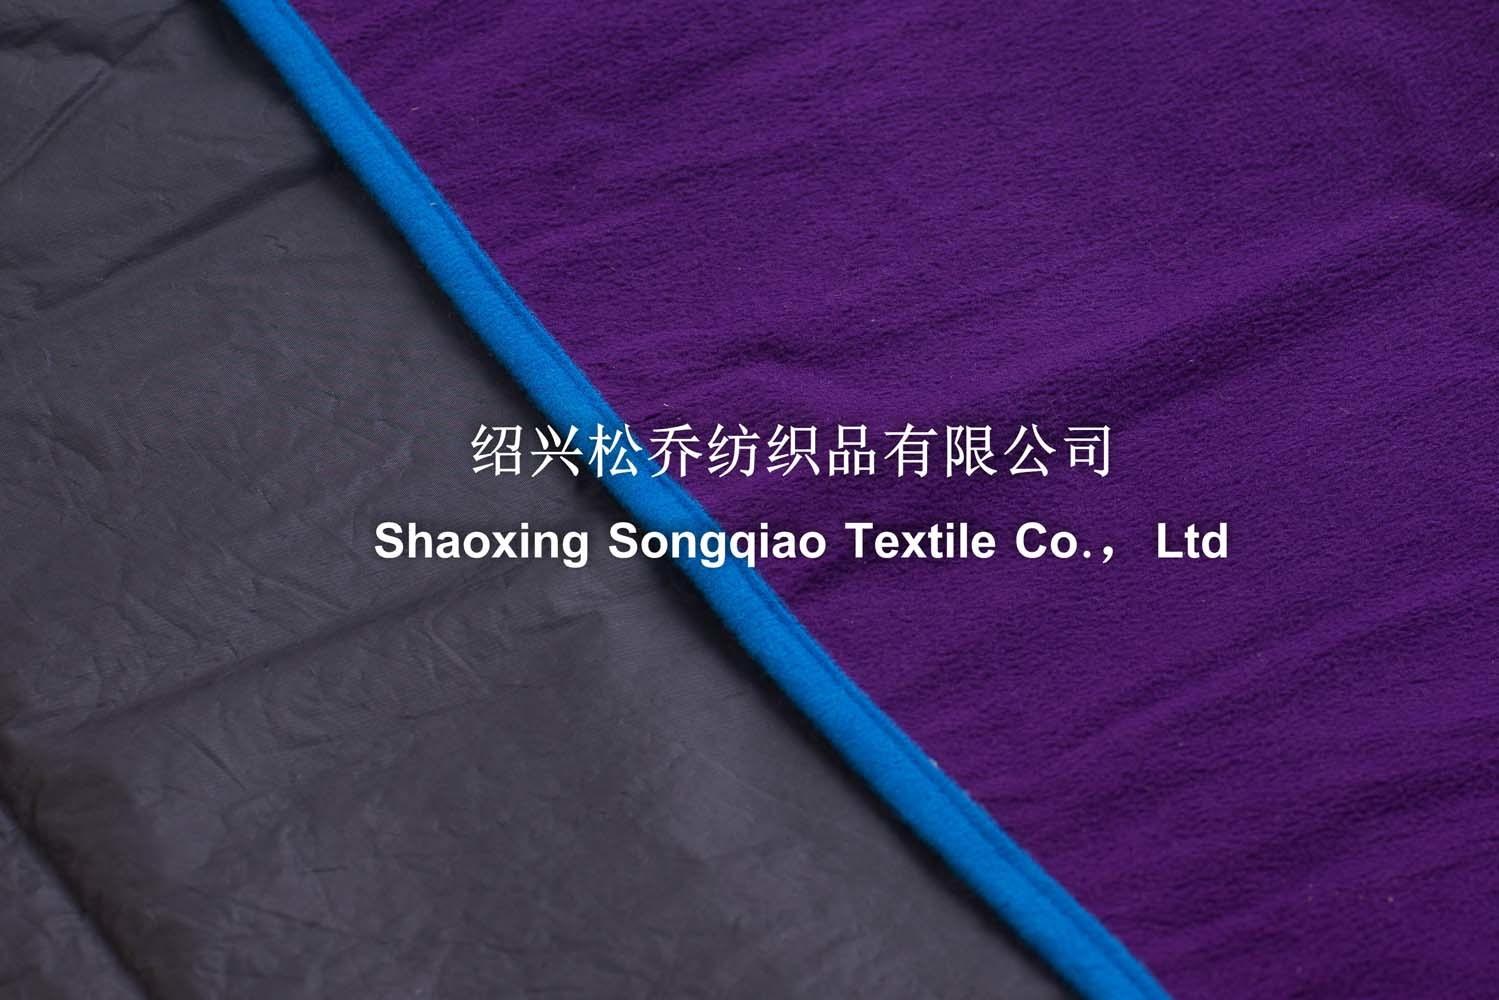 Polyester Fleece Picnic Blanket with Bandage/Custom Blanket